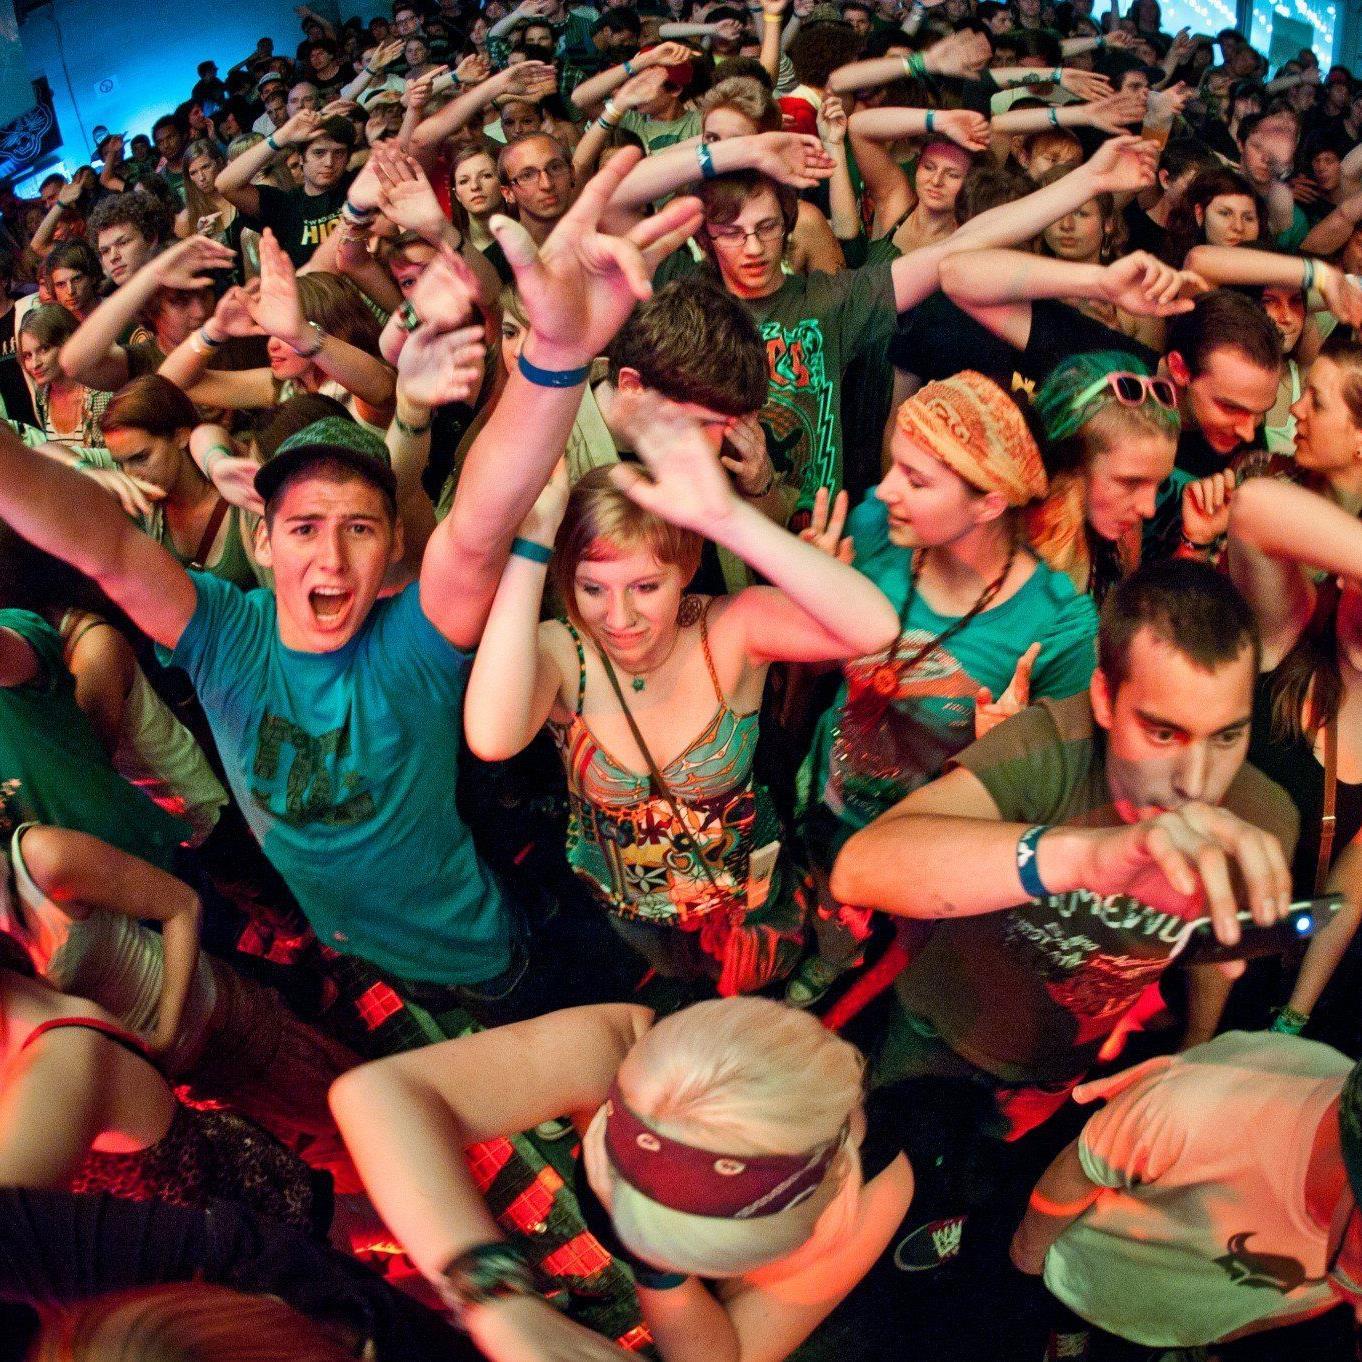 Das 20. poolbar-Festival startet am Mittwoch, 3. Juli 2013.